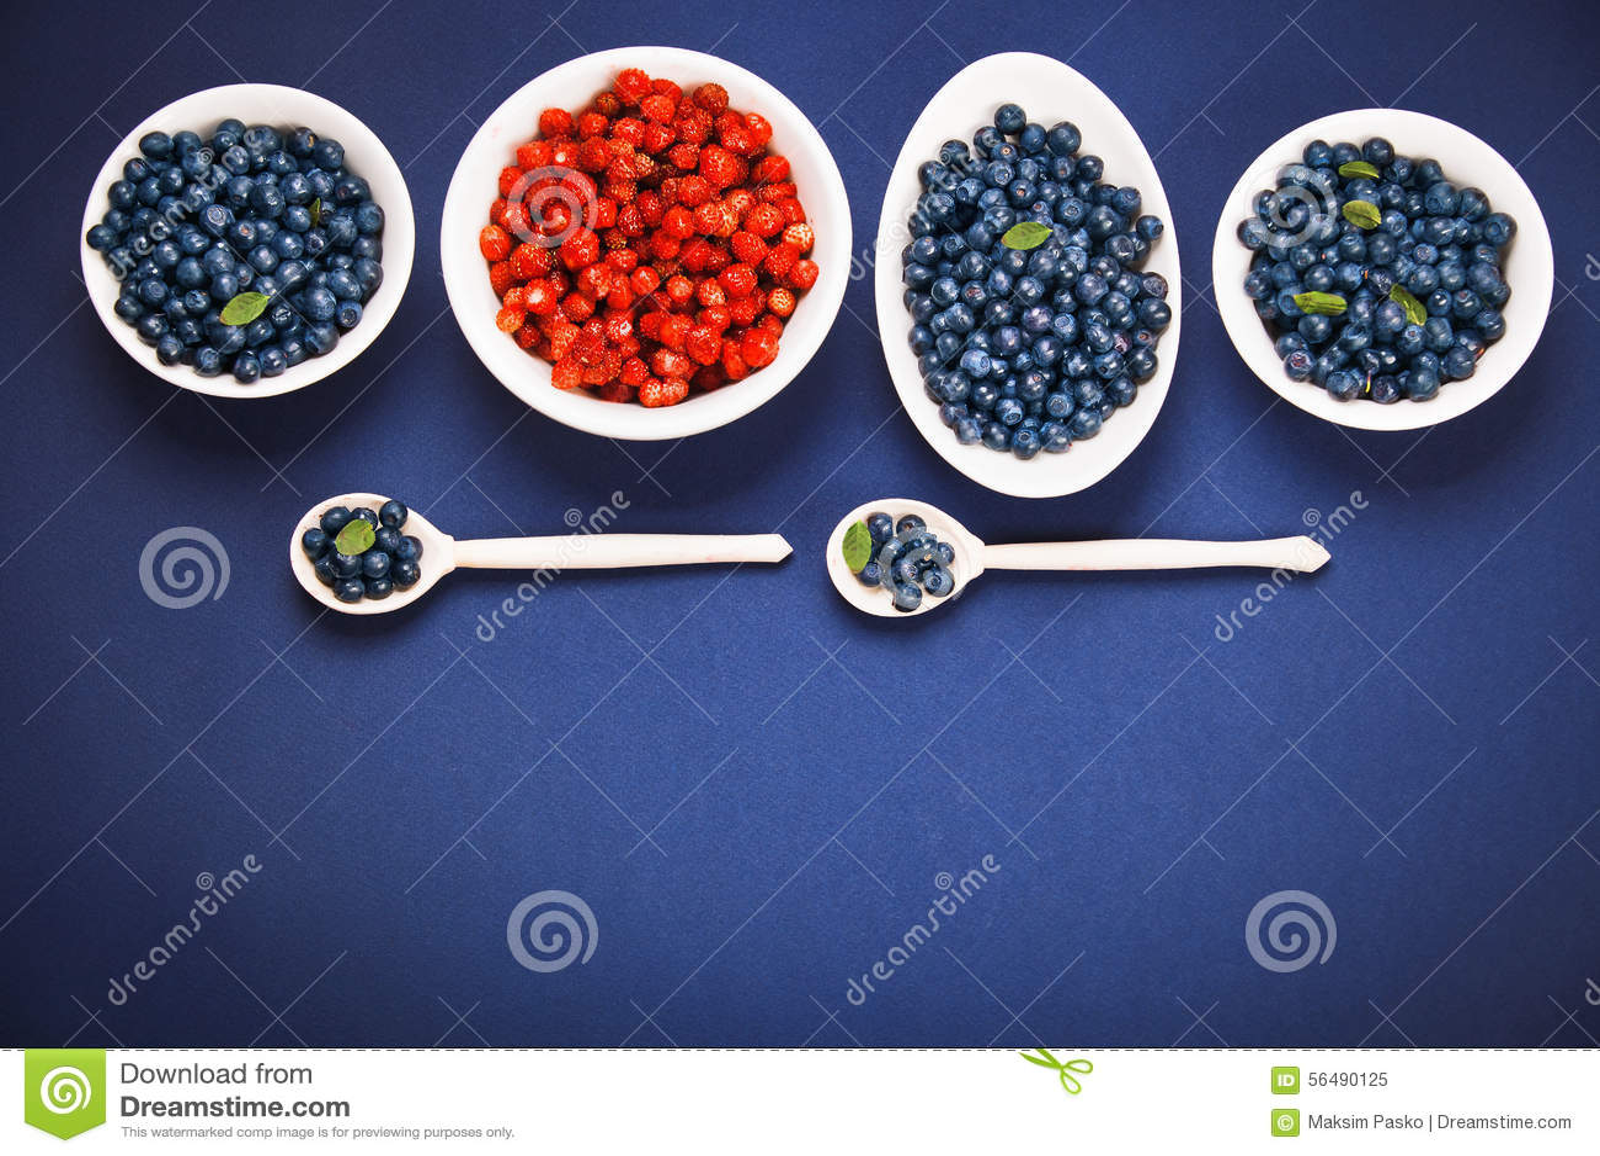 Myrtilles et fraises